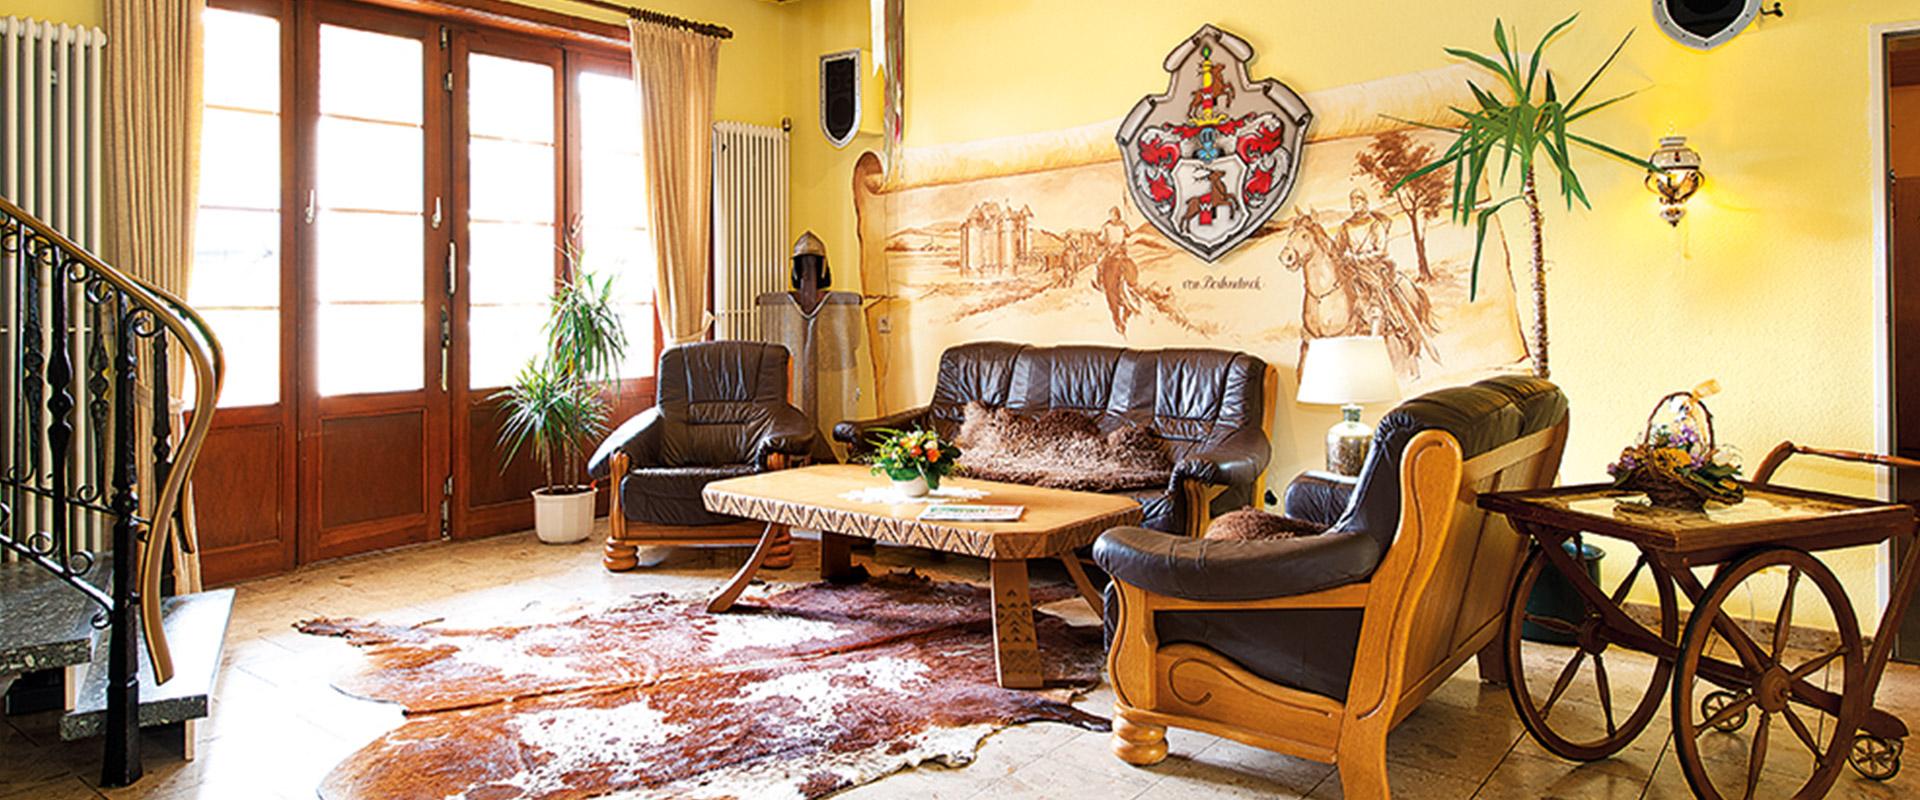 Bad landhaus landhaus bad meisterbetrieb benjamin graf bad hochschrank landhaus mango - Esszimmer bad nauheim ...